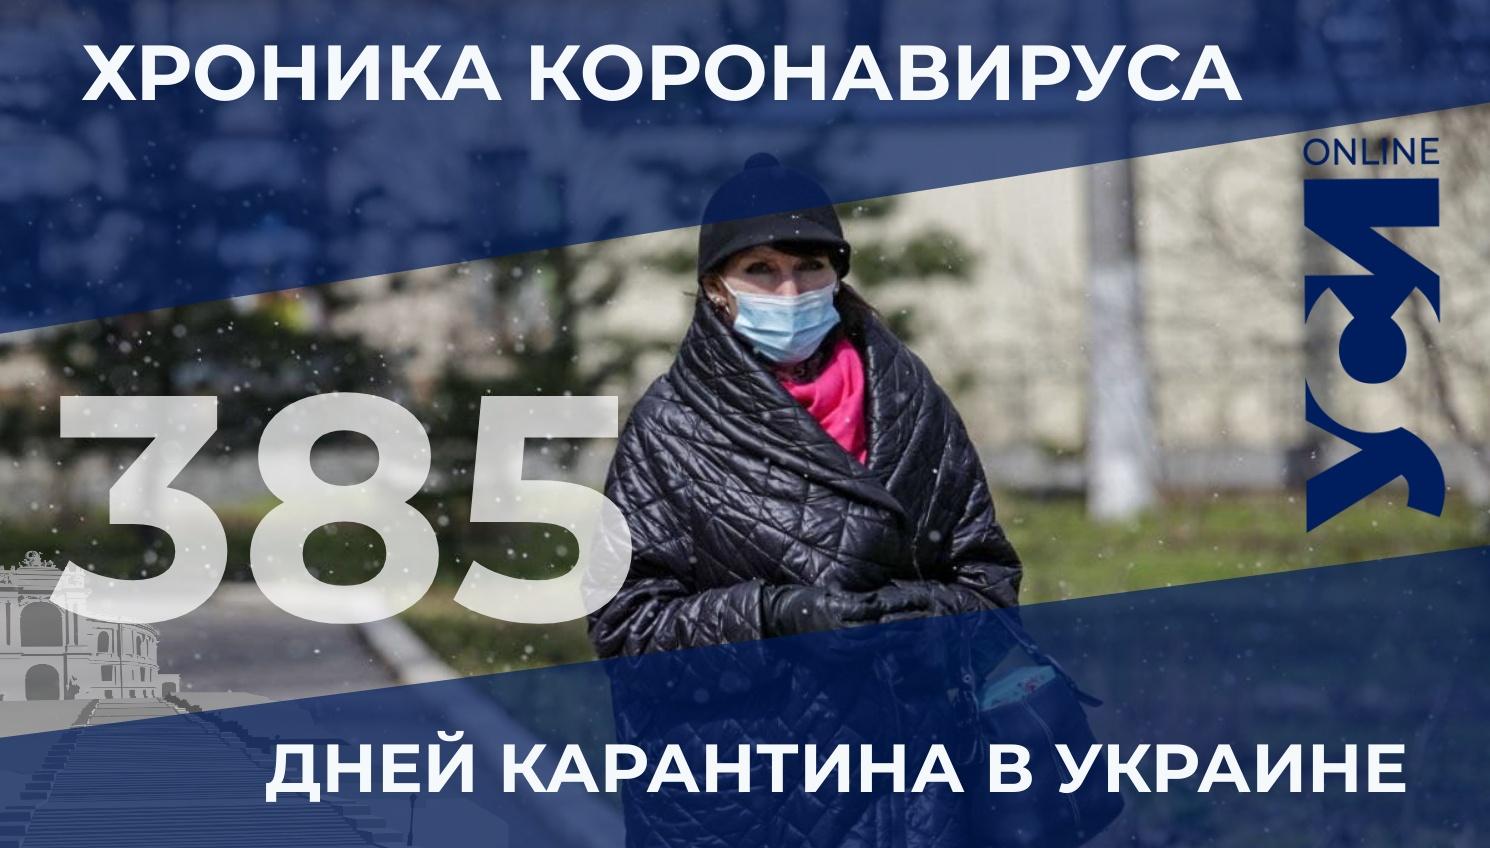 Хроника COVID-19: Одесская область на втором месте по количеству новых заболевших «фото»